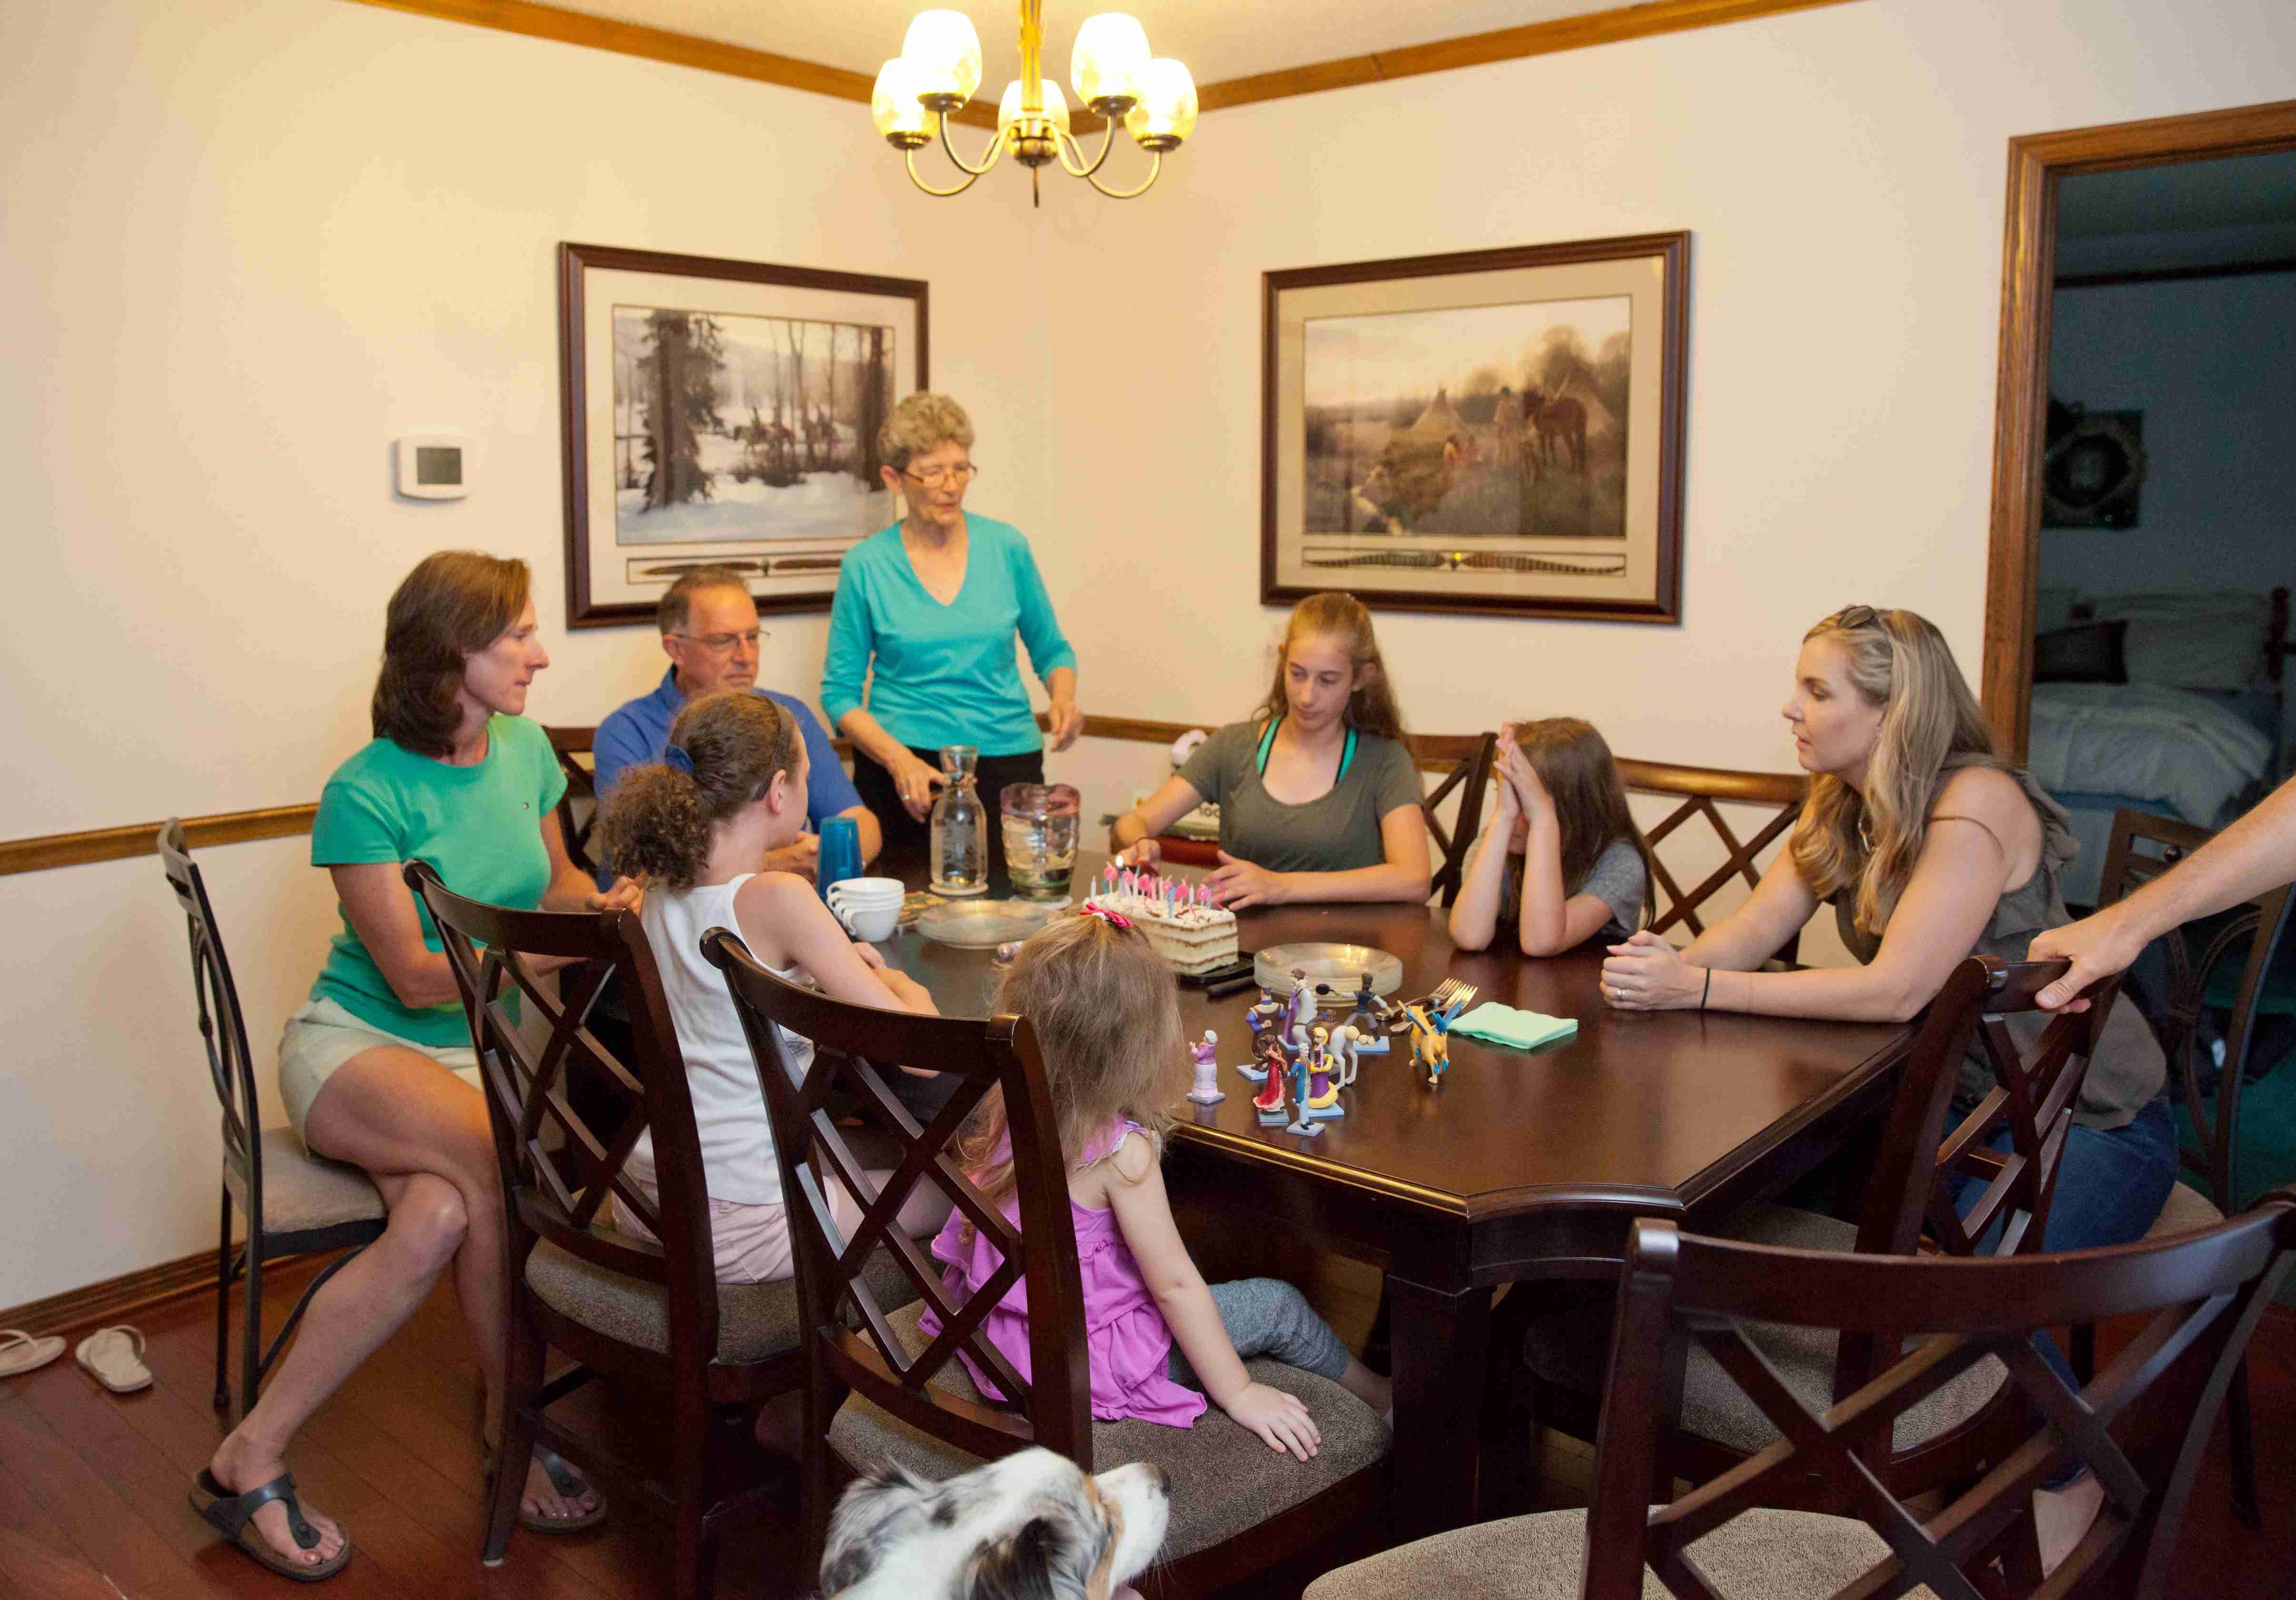 Enjoying dinner with family in Kansas